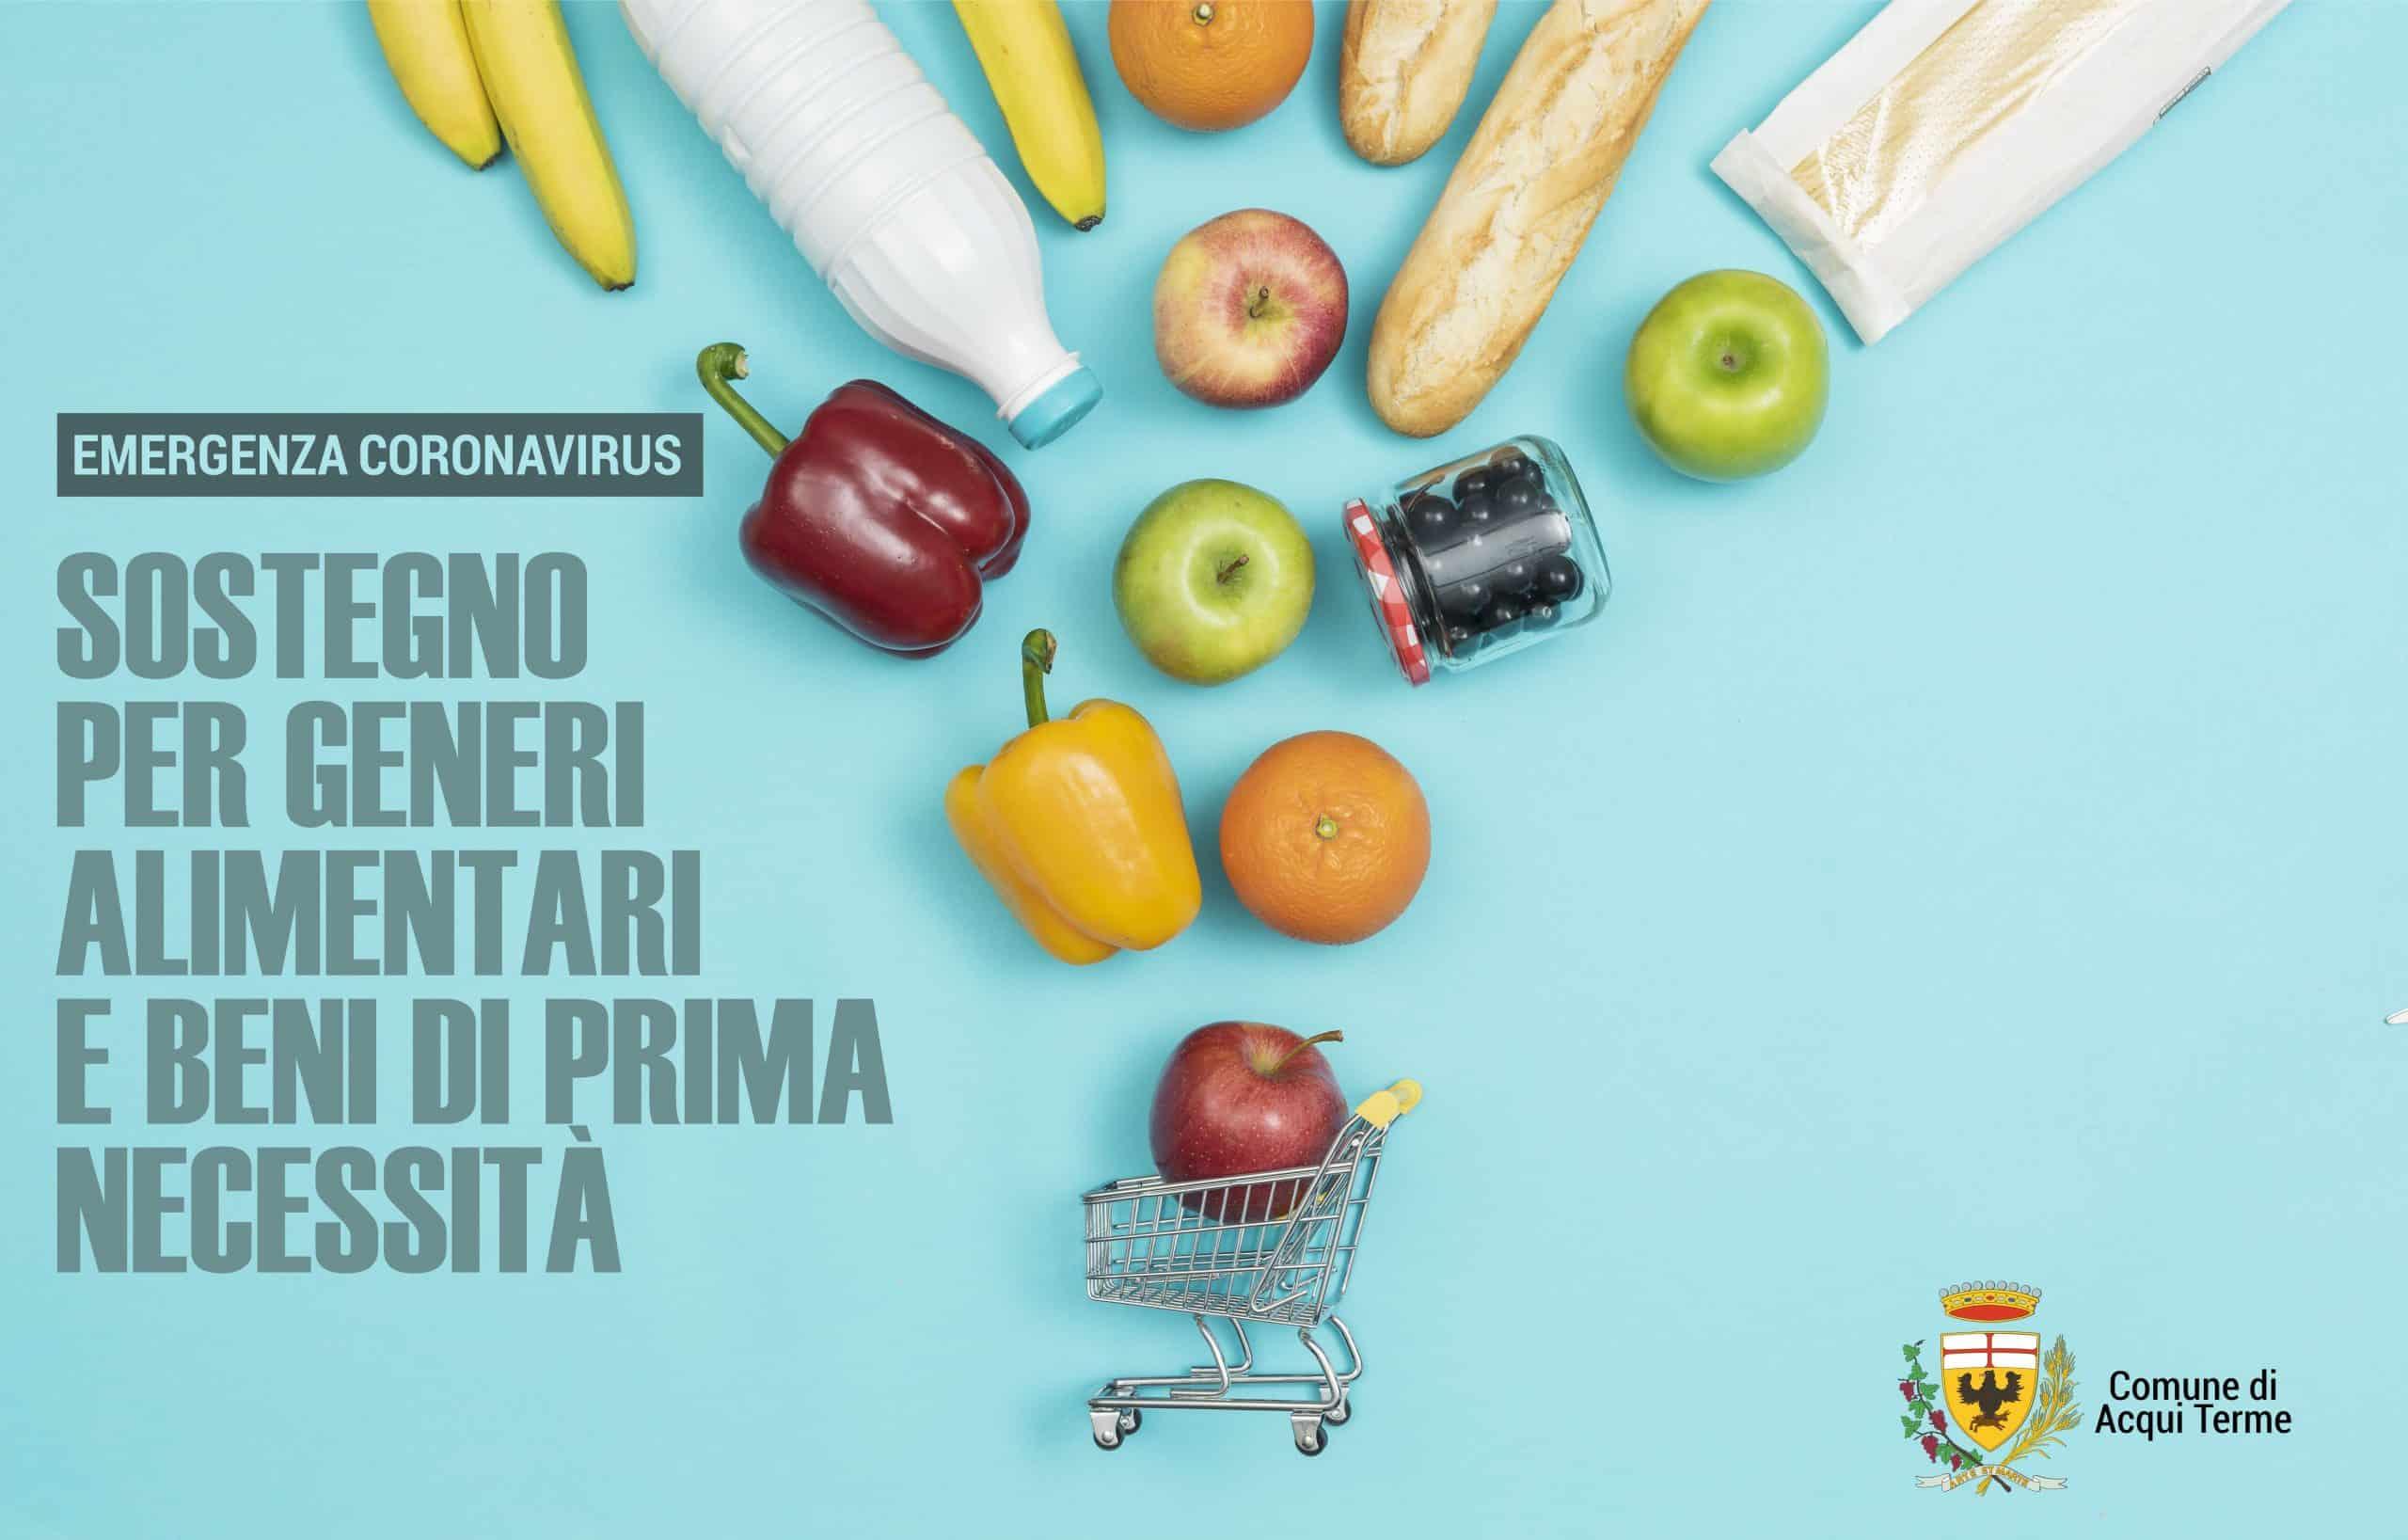 Immagine - Sostegno per generi alimentari e beni di prima necessità